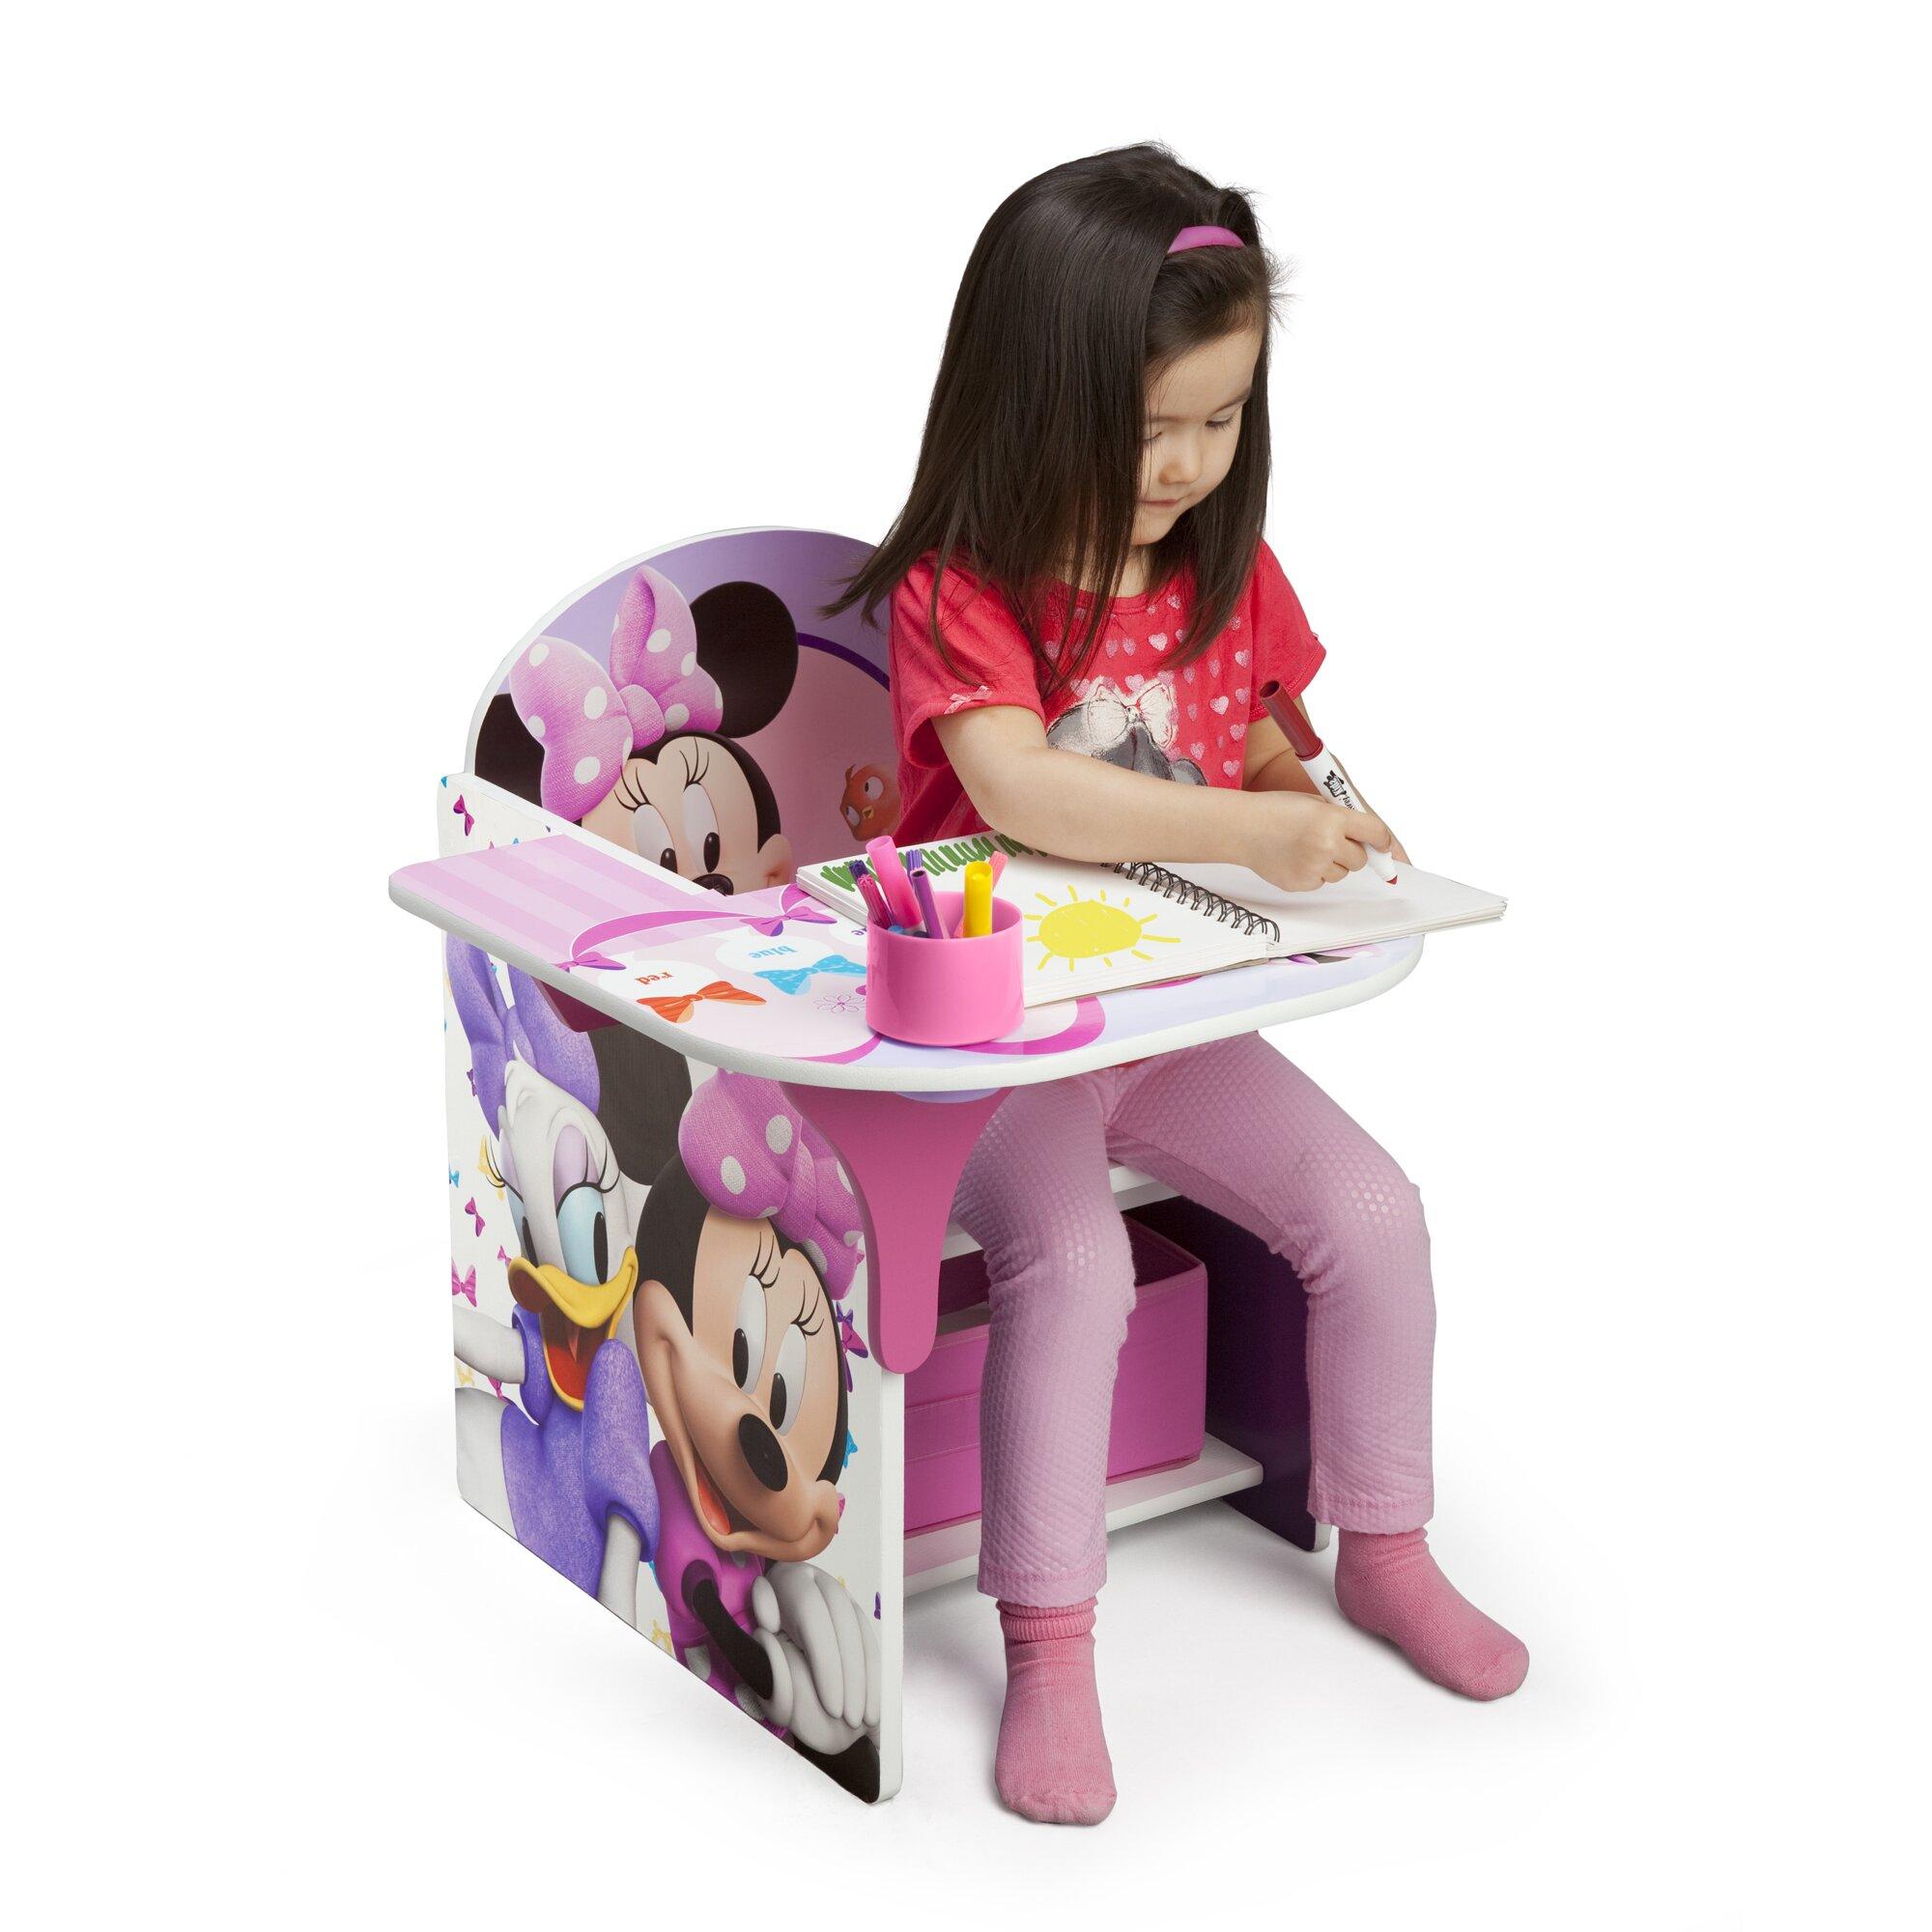 Delta Children Minnie Kids Desk Chair with Storage Compartment and